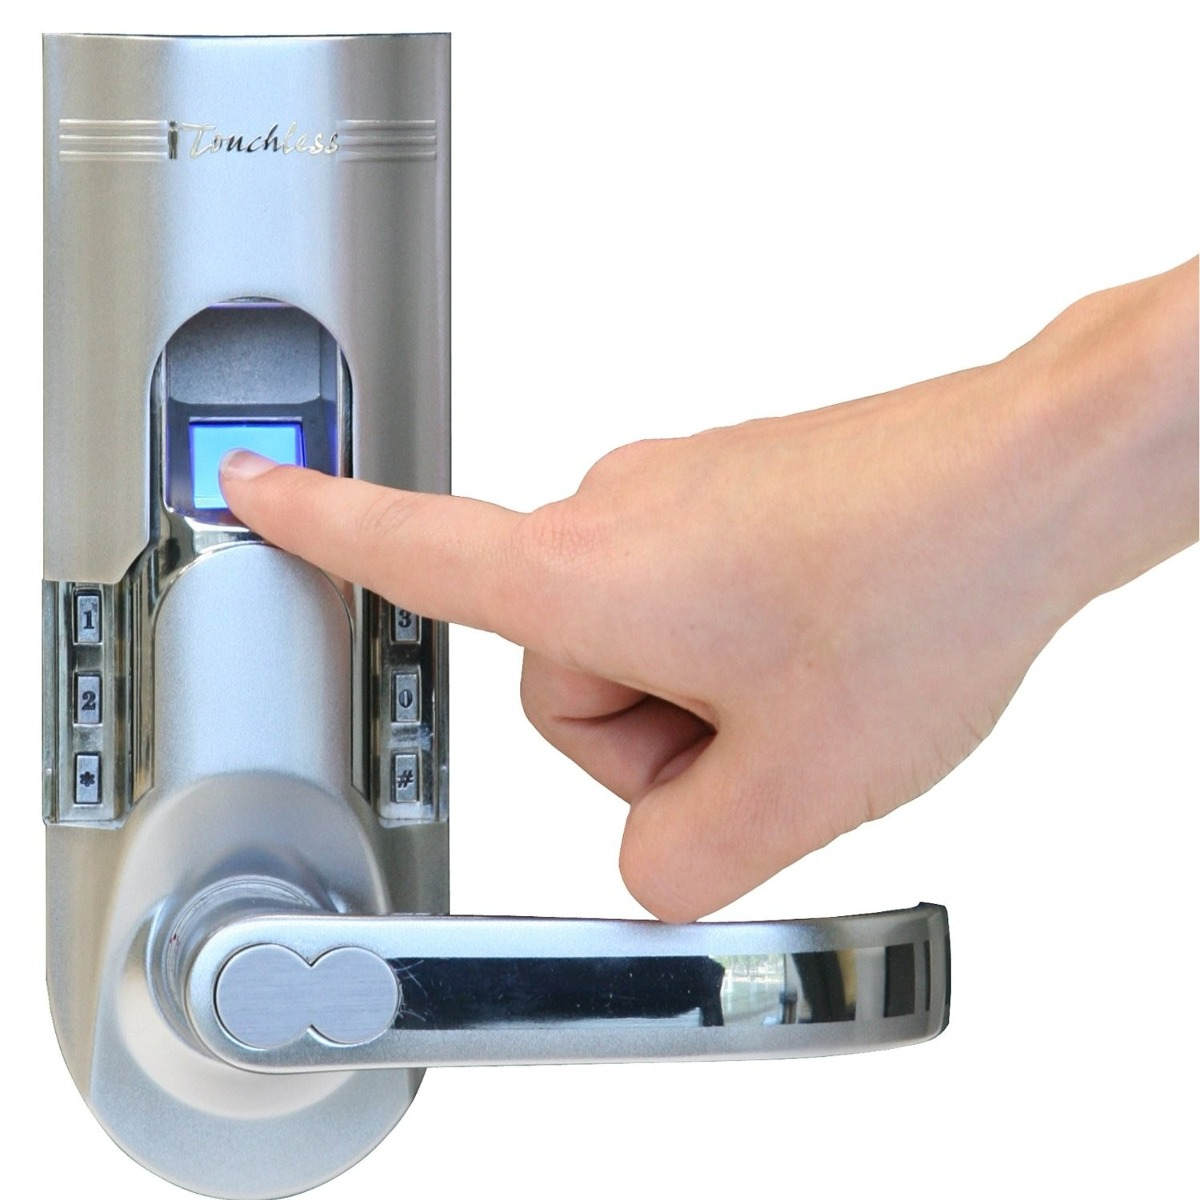 Cerradura chapa de seguridad para puerta huella 7 325 - Cerraduras de seguridad precios ...